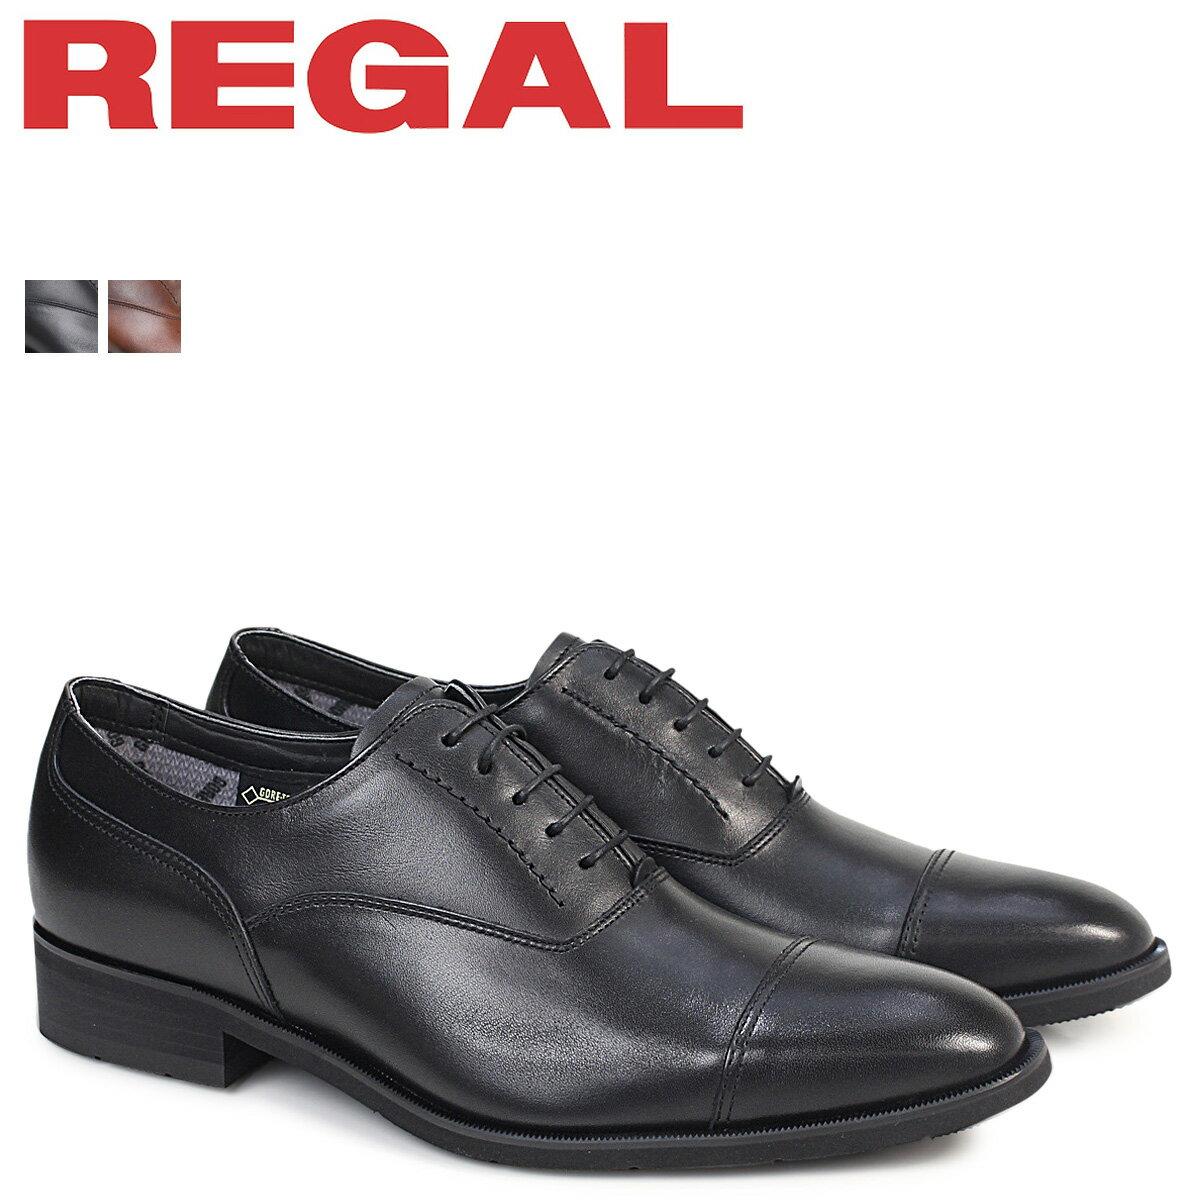 リーガル 靴 メンズ REGAL ストレートチップ 35HRBB ビジネスシューズ 防水 日本製 ブラック [9/14 追加入荷]